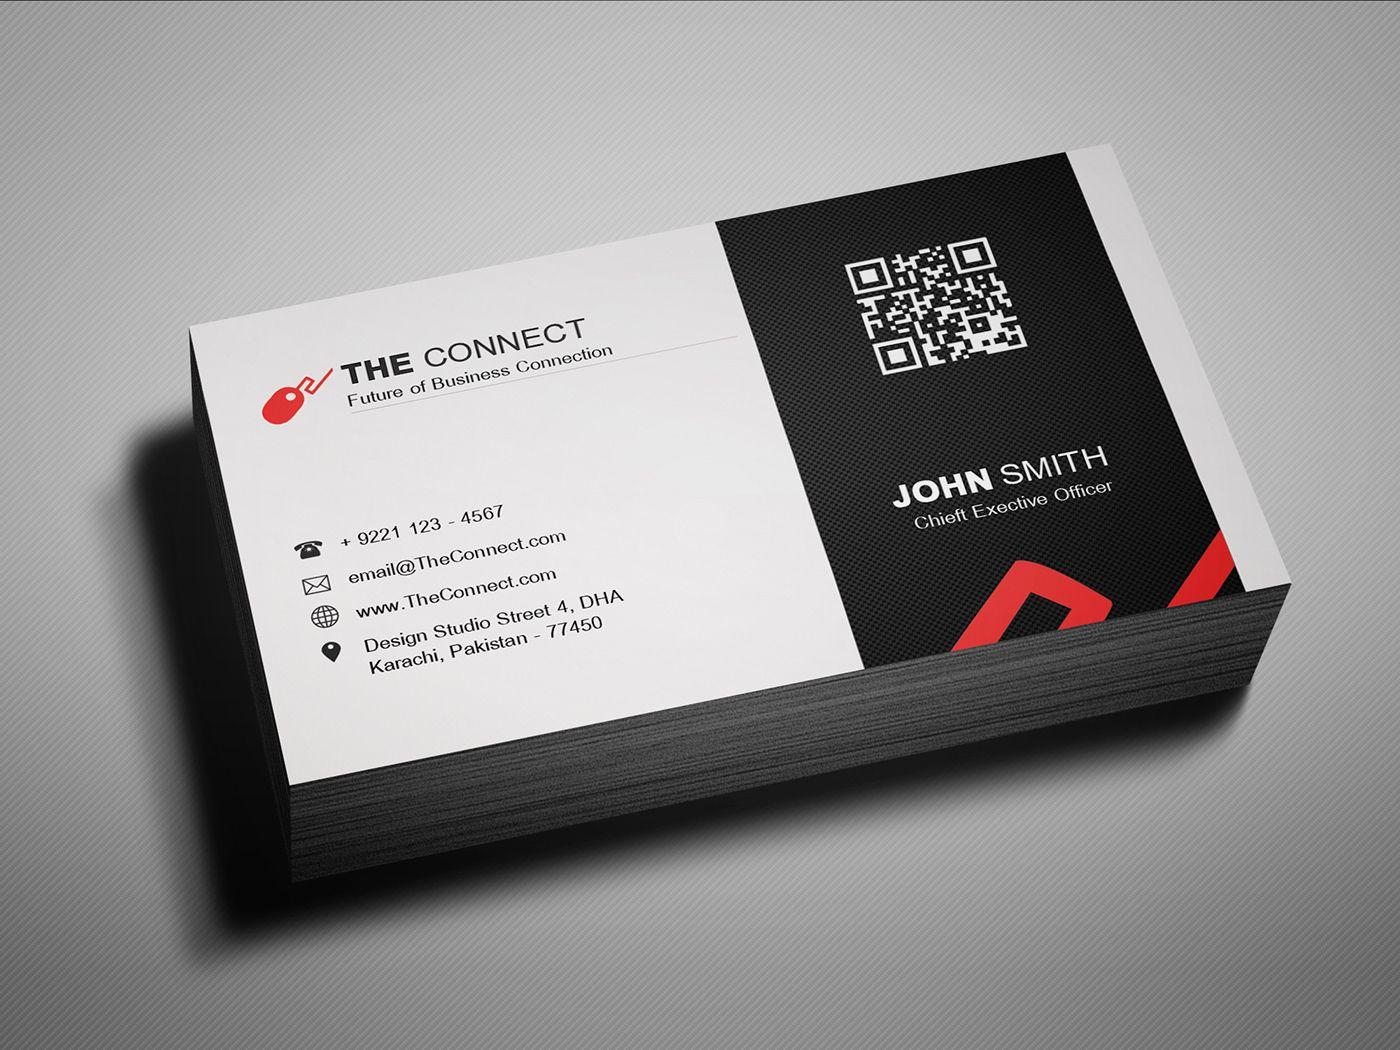 Freebie Corporate Business Card Psd Template Freebie Printready Branding Busi Free Business Card Templates Corporate Business Card Stylish Business Cards